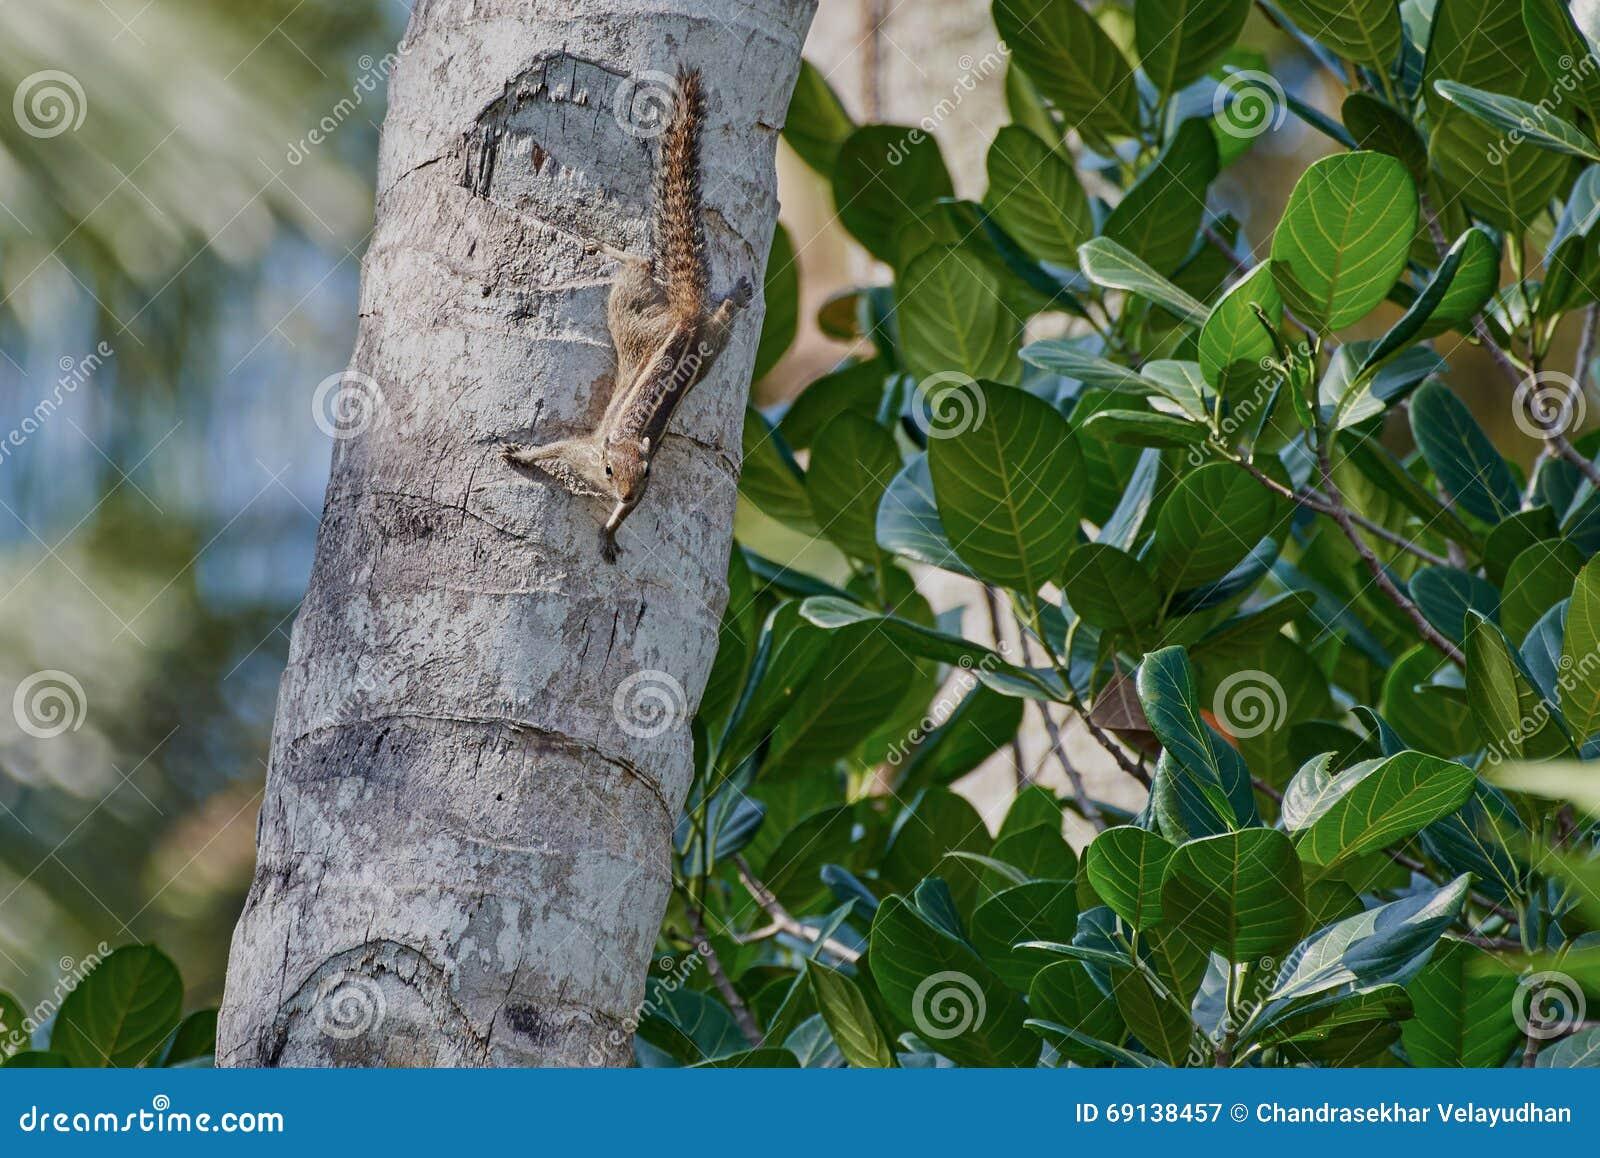 Écureuil sur un tronc d arbre de noix de coco semblant vigilant